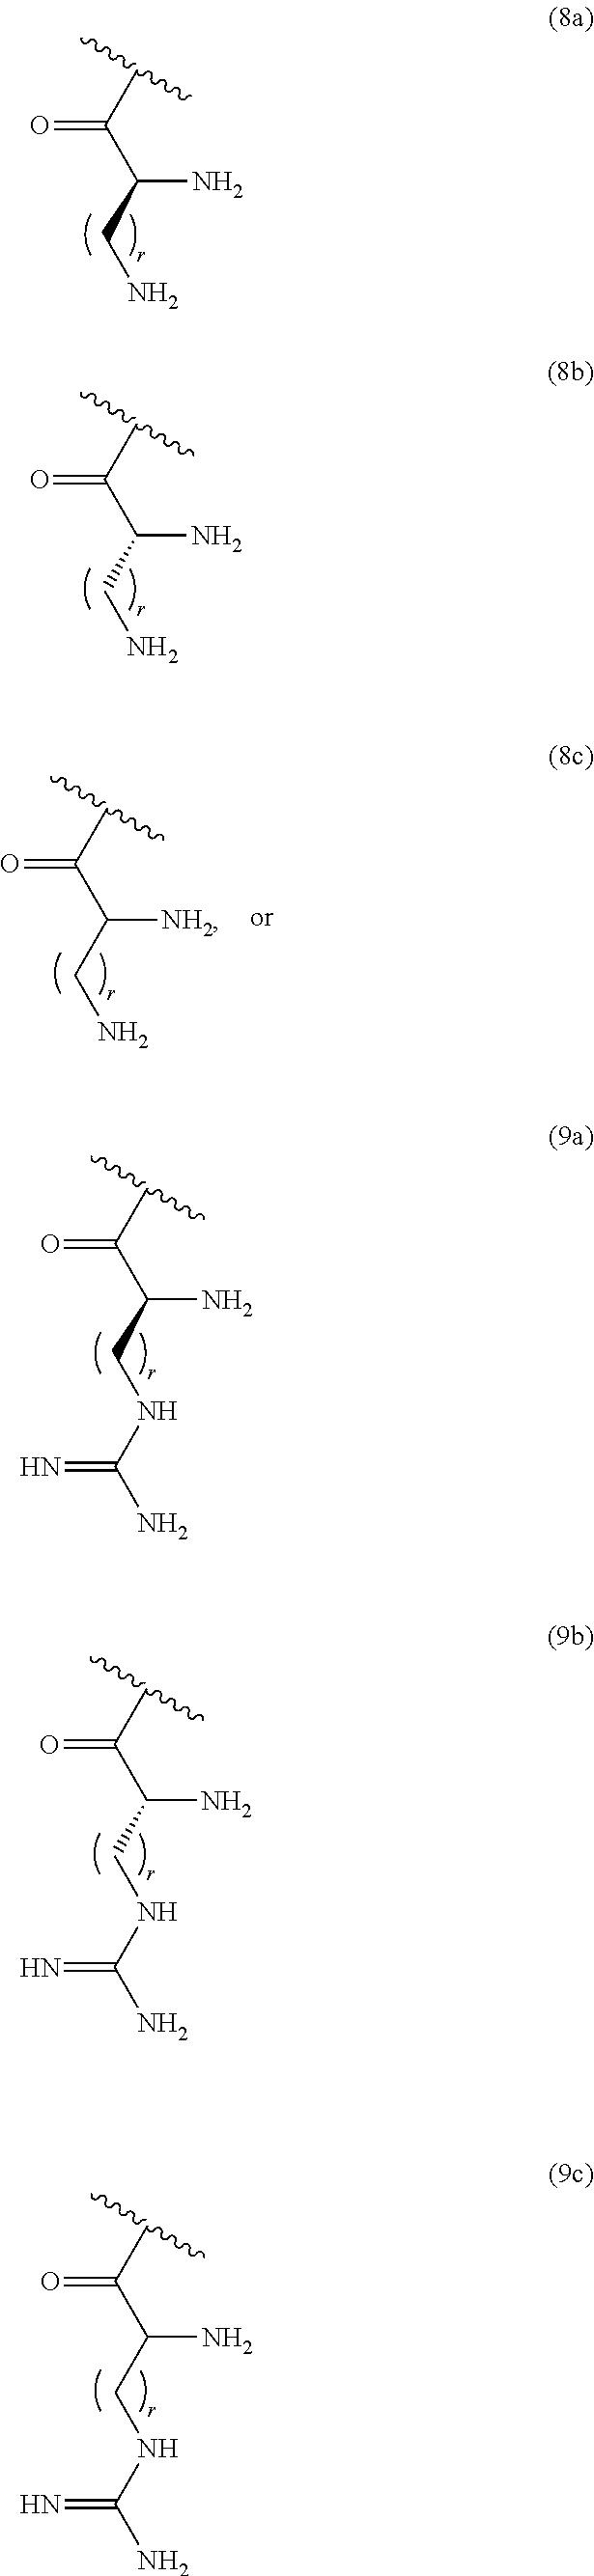 Figure US09732164-20170815-C00007